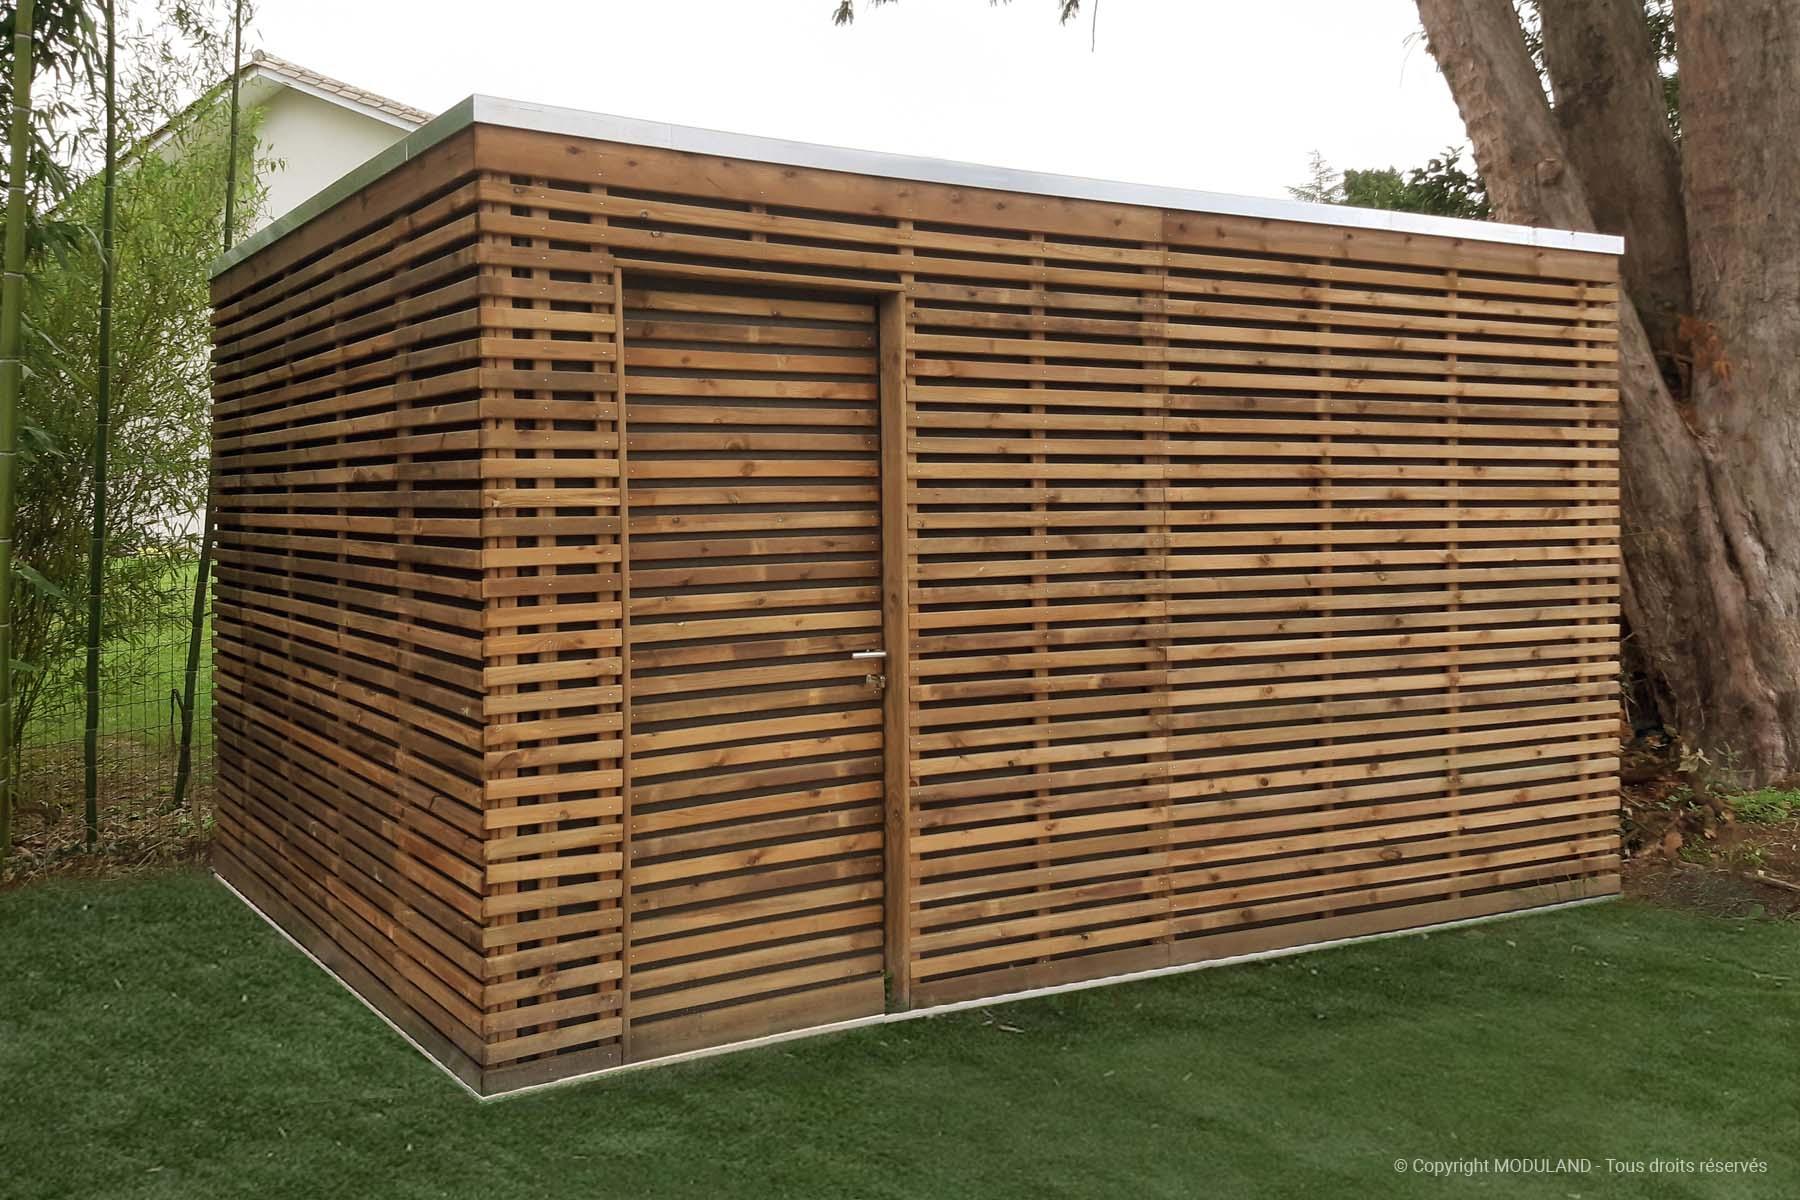 Fabricant D'abris Et Structures Bois Sur Mesure | Moduland serapportantà Abri De Jardin Sur Mesure